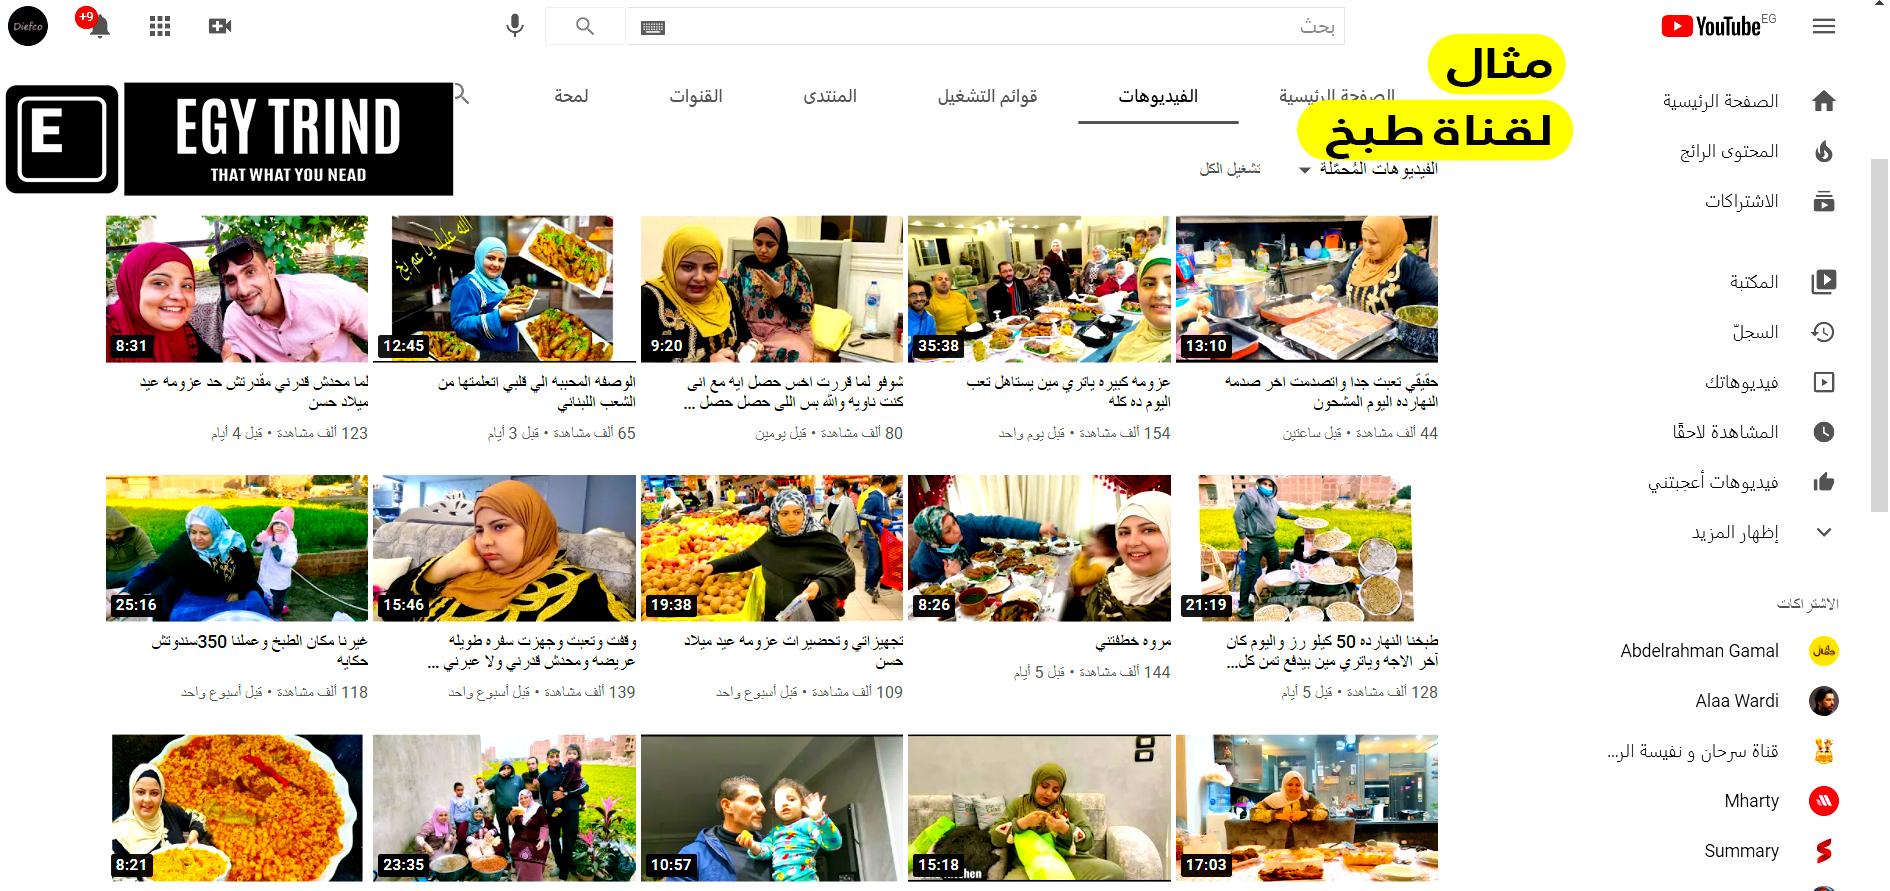 افضل فكرة للعمل من المنزل انشاء قناة يوتيوب للربح من الفيديوهات